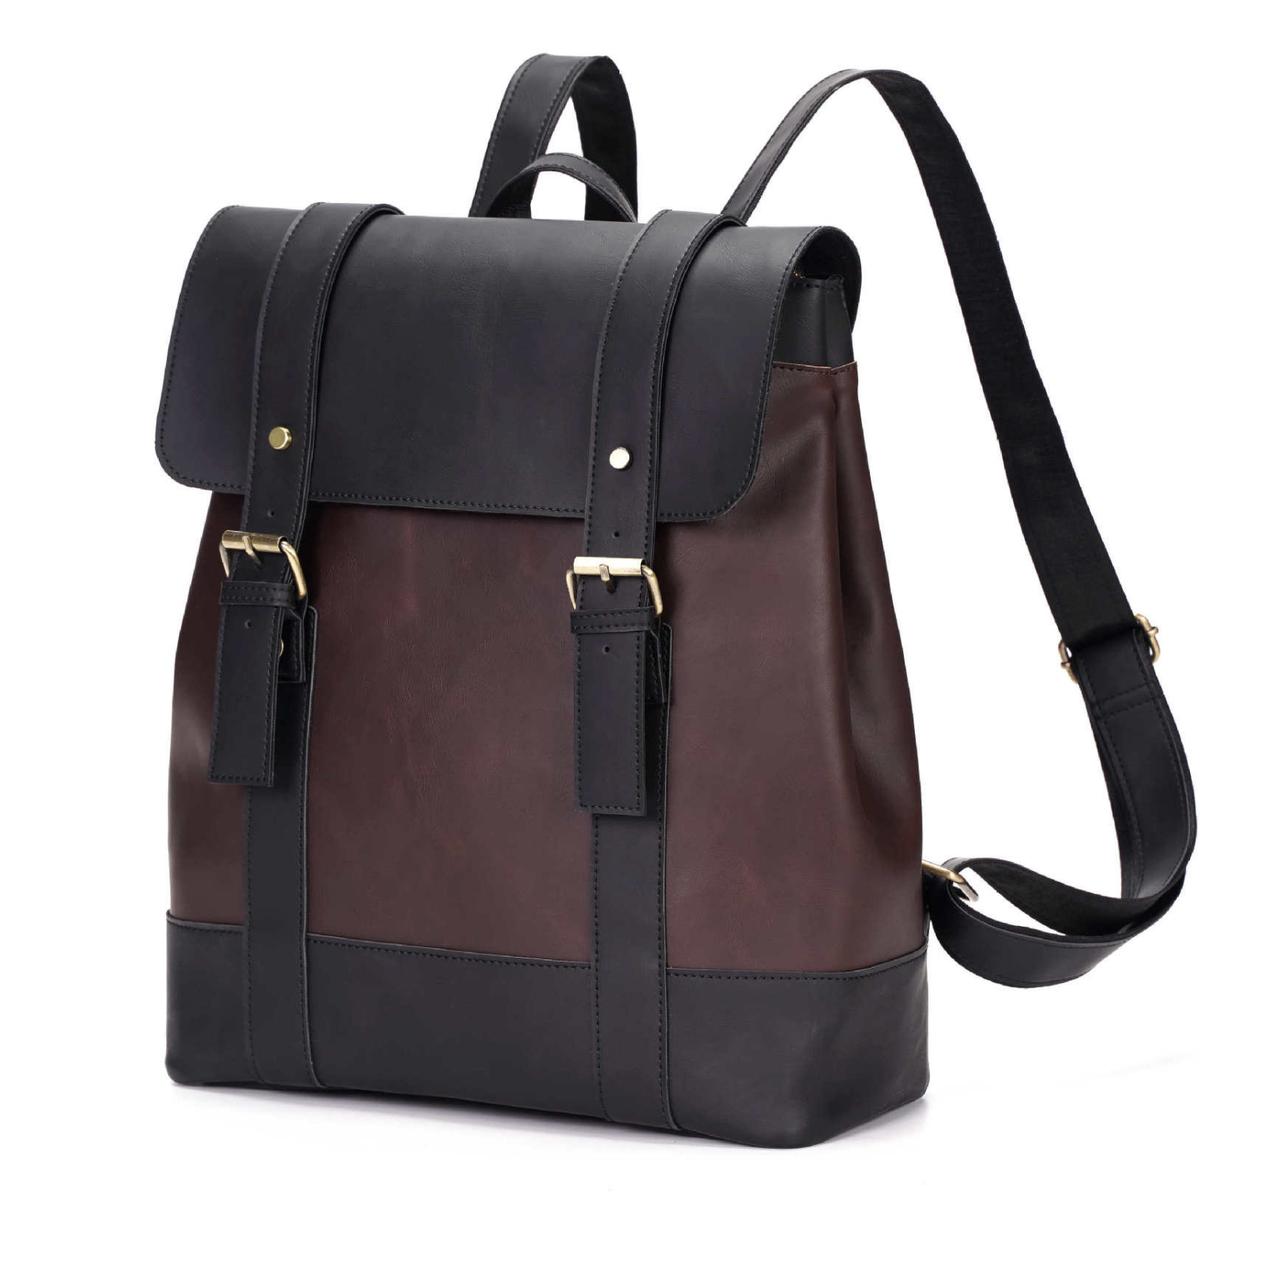 Рюкзак унисекс черного цвета, городкой рюкзак экокожа для мужчин и женщин СС-3637-10